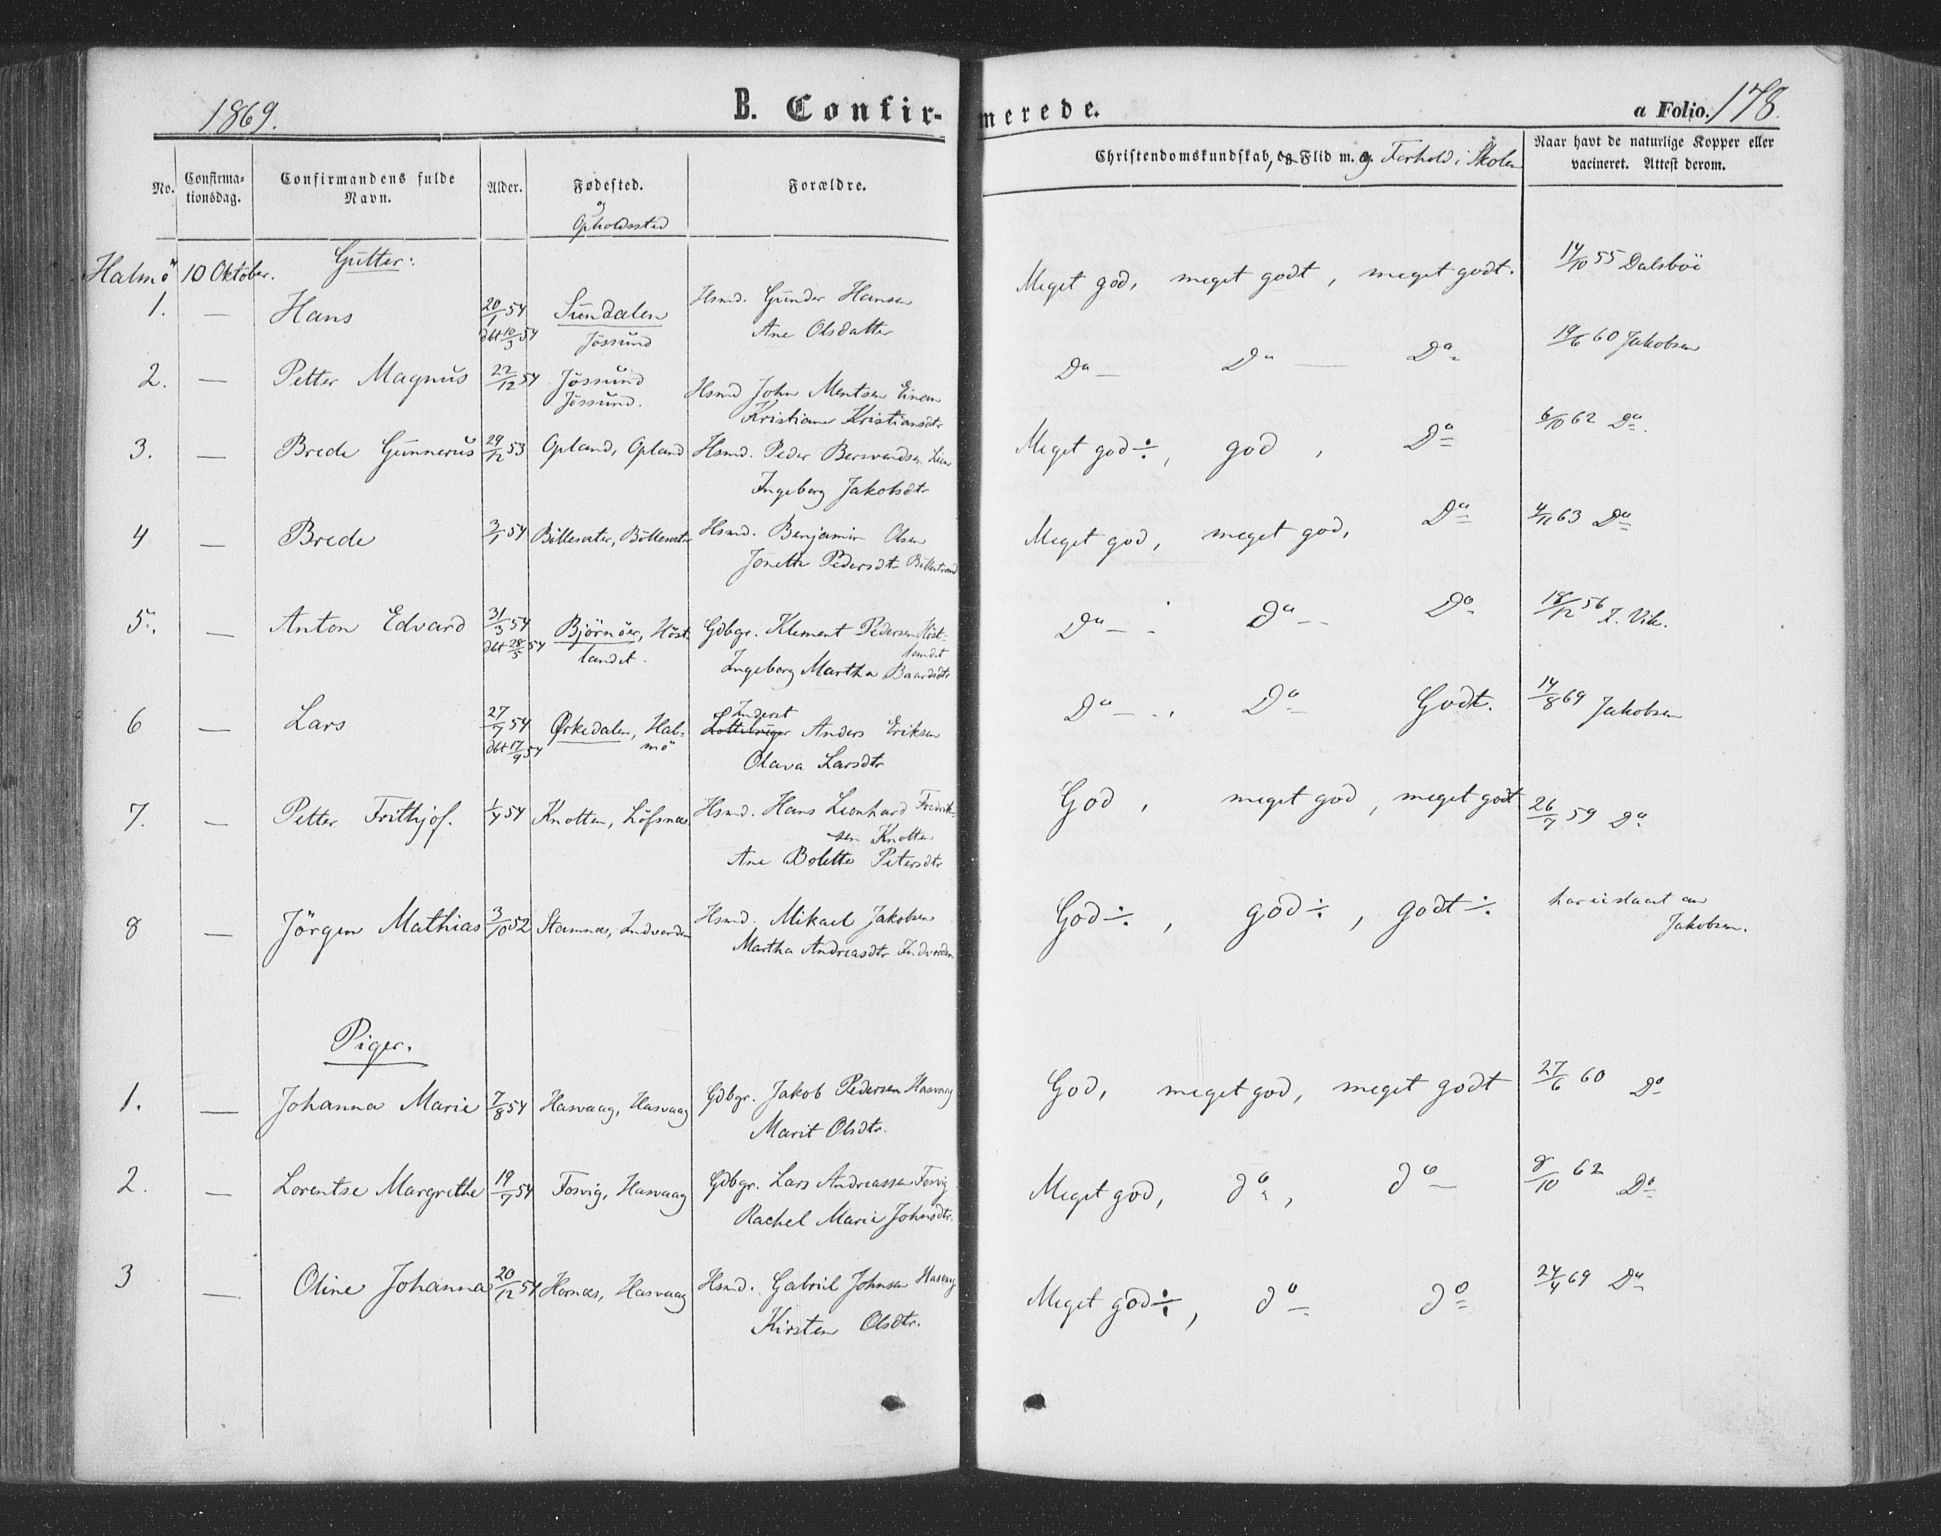 SAT, Ministerialprotokoller, klokkerbøker og fødselsregistre - Nord-Trøndelag, 773/L0615: Ministerialbok nr. 773A06, 1857-1870, s. 178